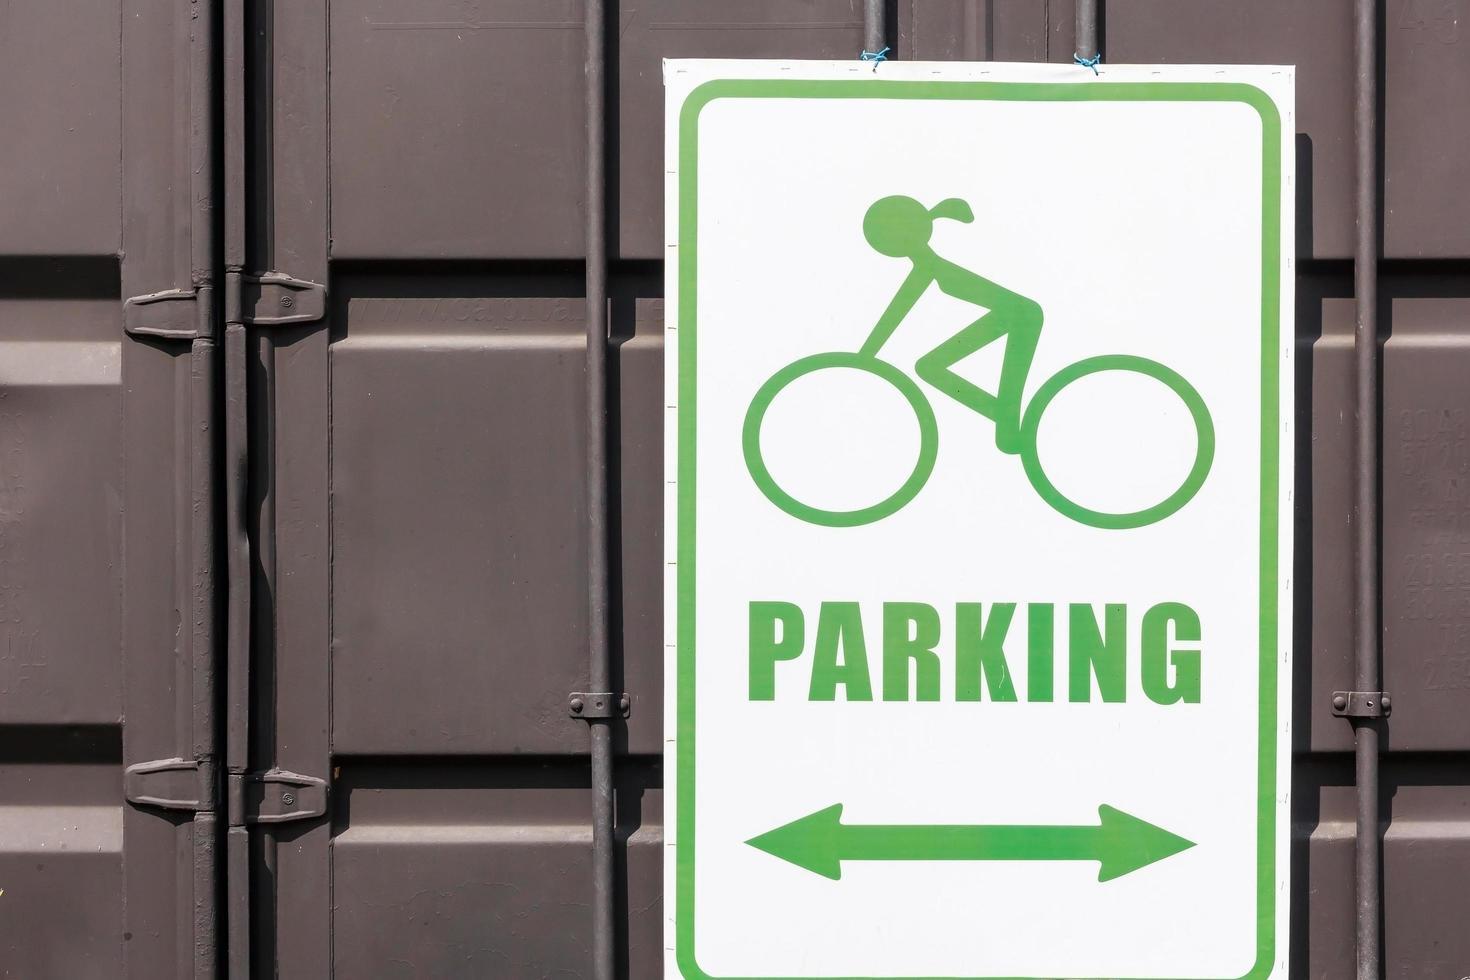 segno di parcheggio per biciclette nel parco pubblico foto